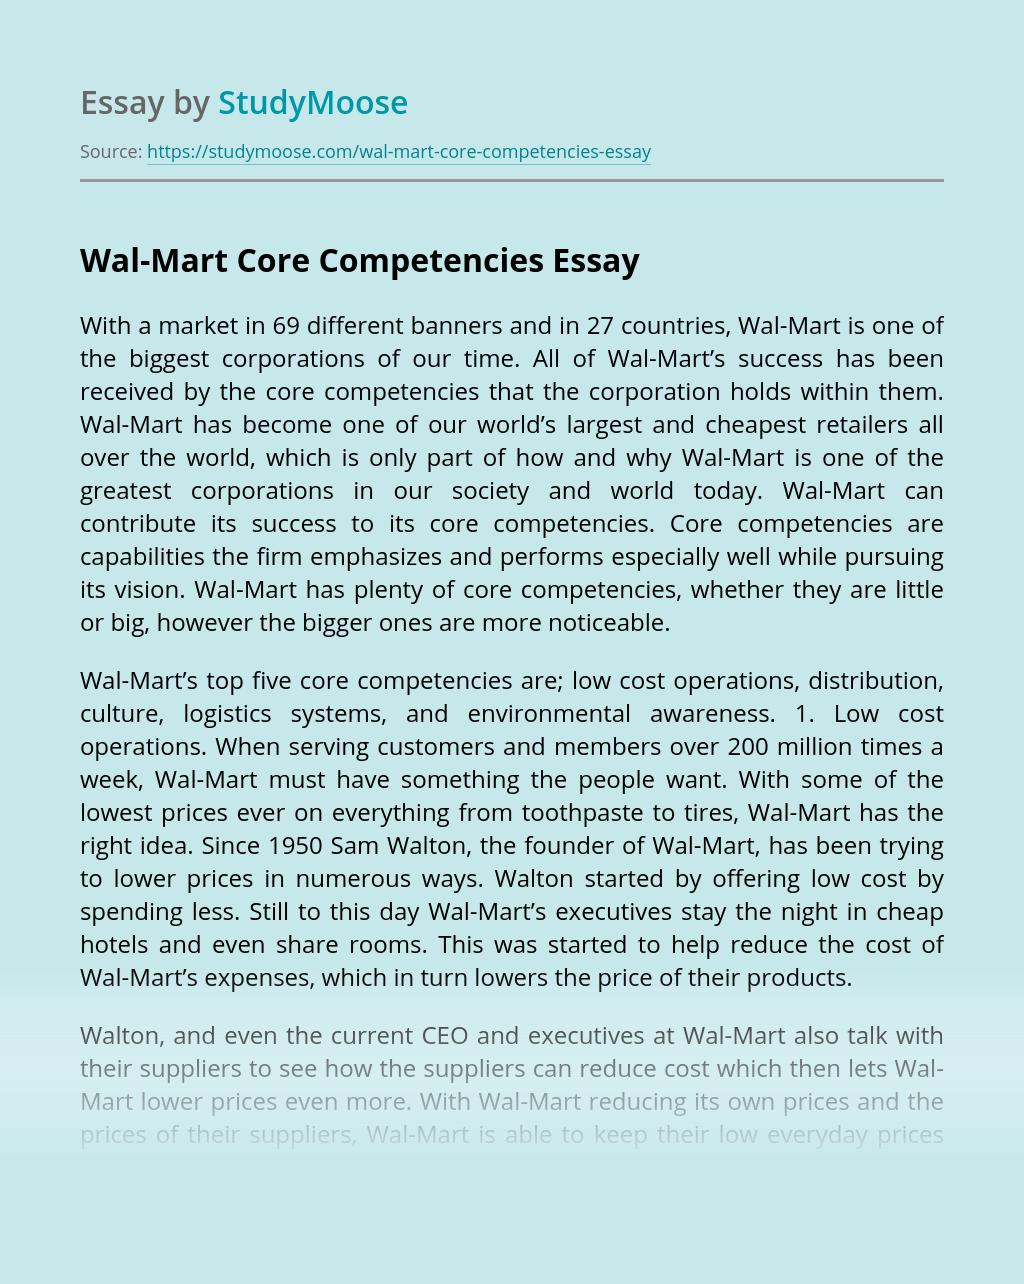 Wal-Mart Core Competencies